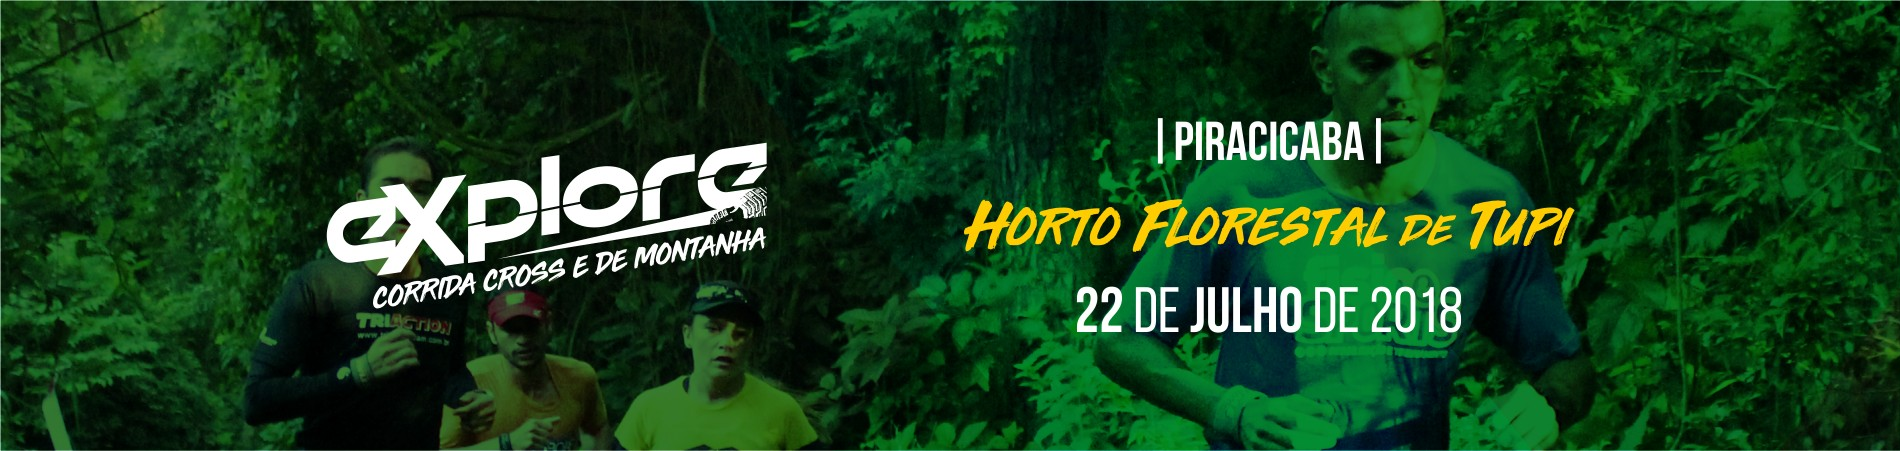 CORRIDA EXPLORE 2018 - PIRACICABA - Imagem de topo